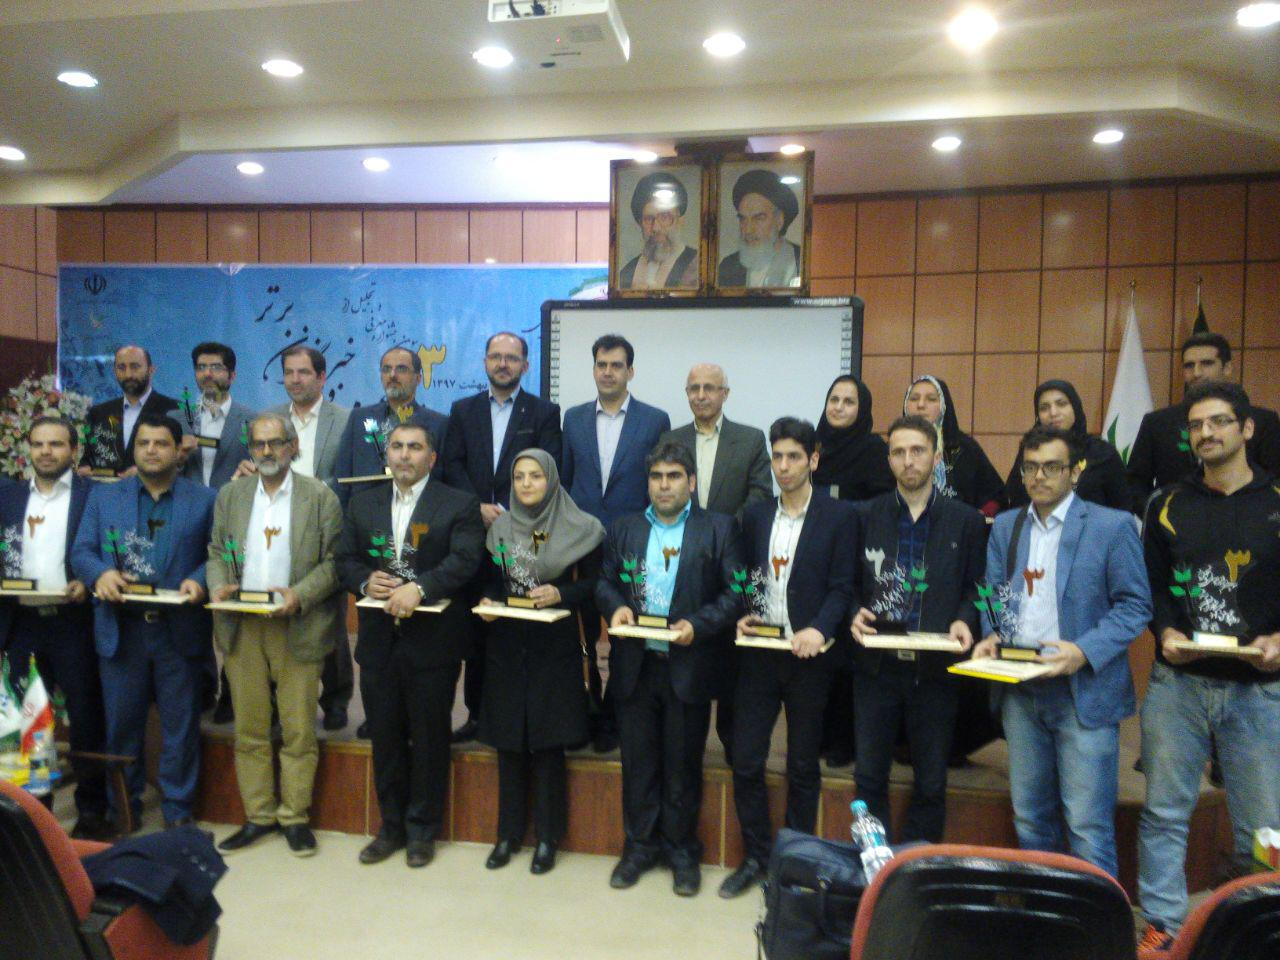 سومین جشنواره معرفی و تجلیل از روابط عمومیها و خبرنگاران برتر منطقه دو کشوردر پارک علم و فناوری گیلان برگزار شد